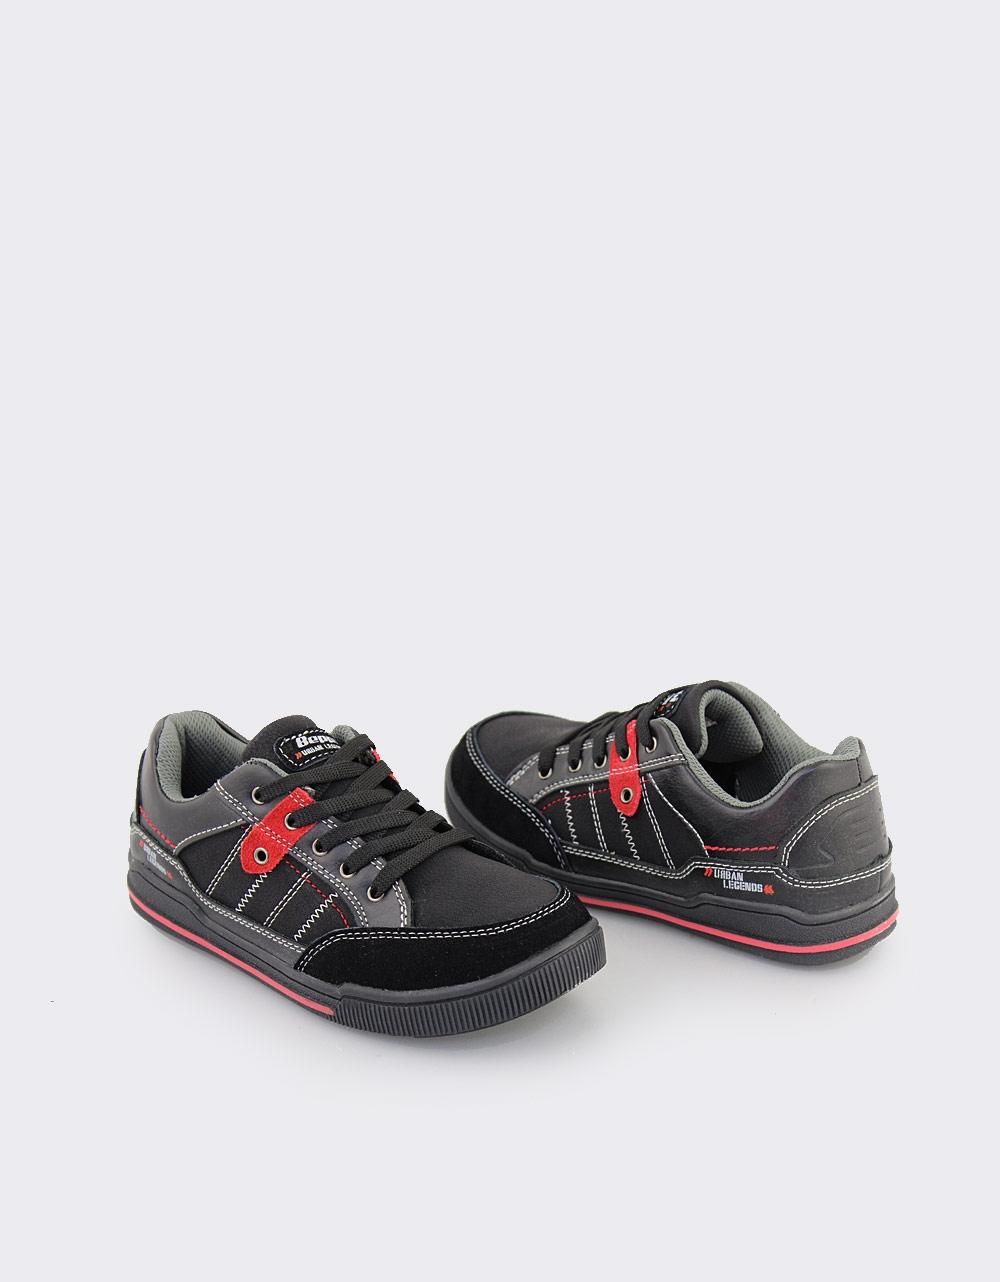 Εικόνα από Παιδικά sneakers με κορδόνια και διακοσμητικά γαζιά Μαύρο